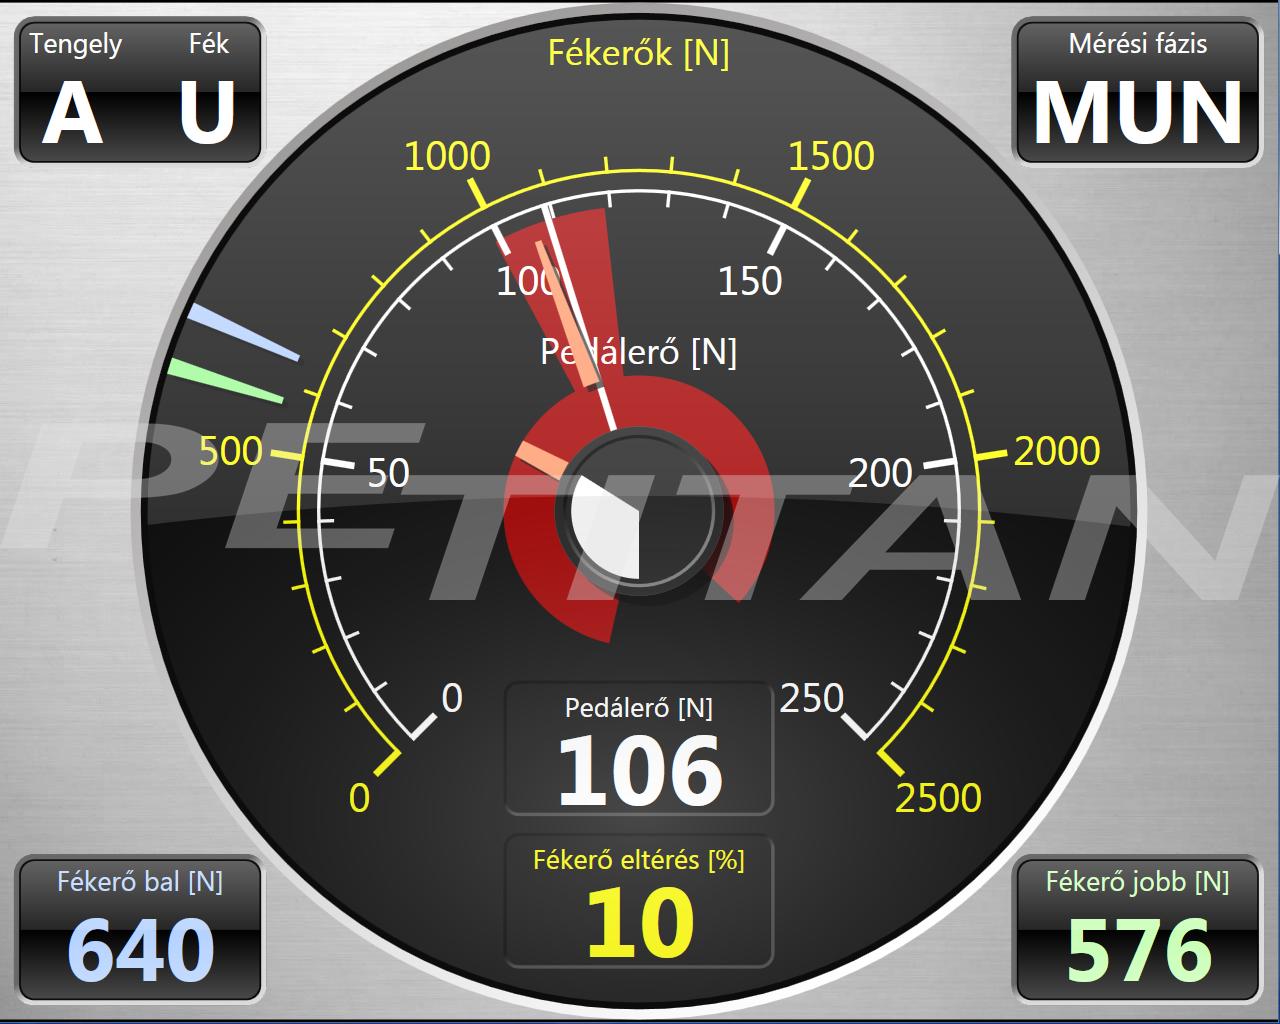 PeTitan PEFT 16 teher-személy kombinált fékerőmérő szett 2